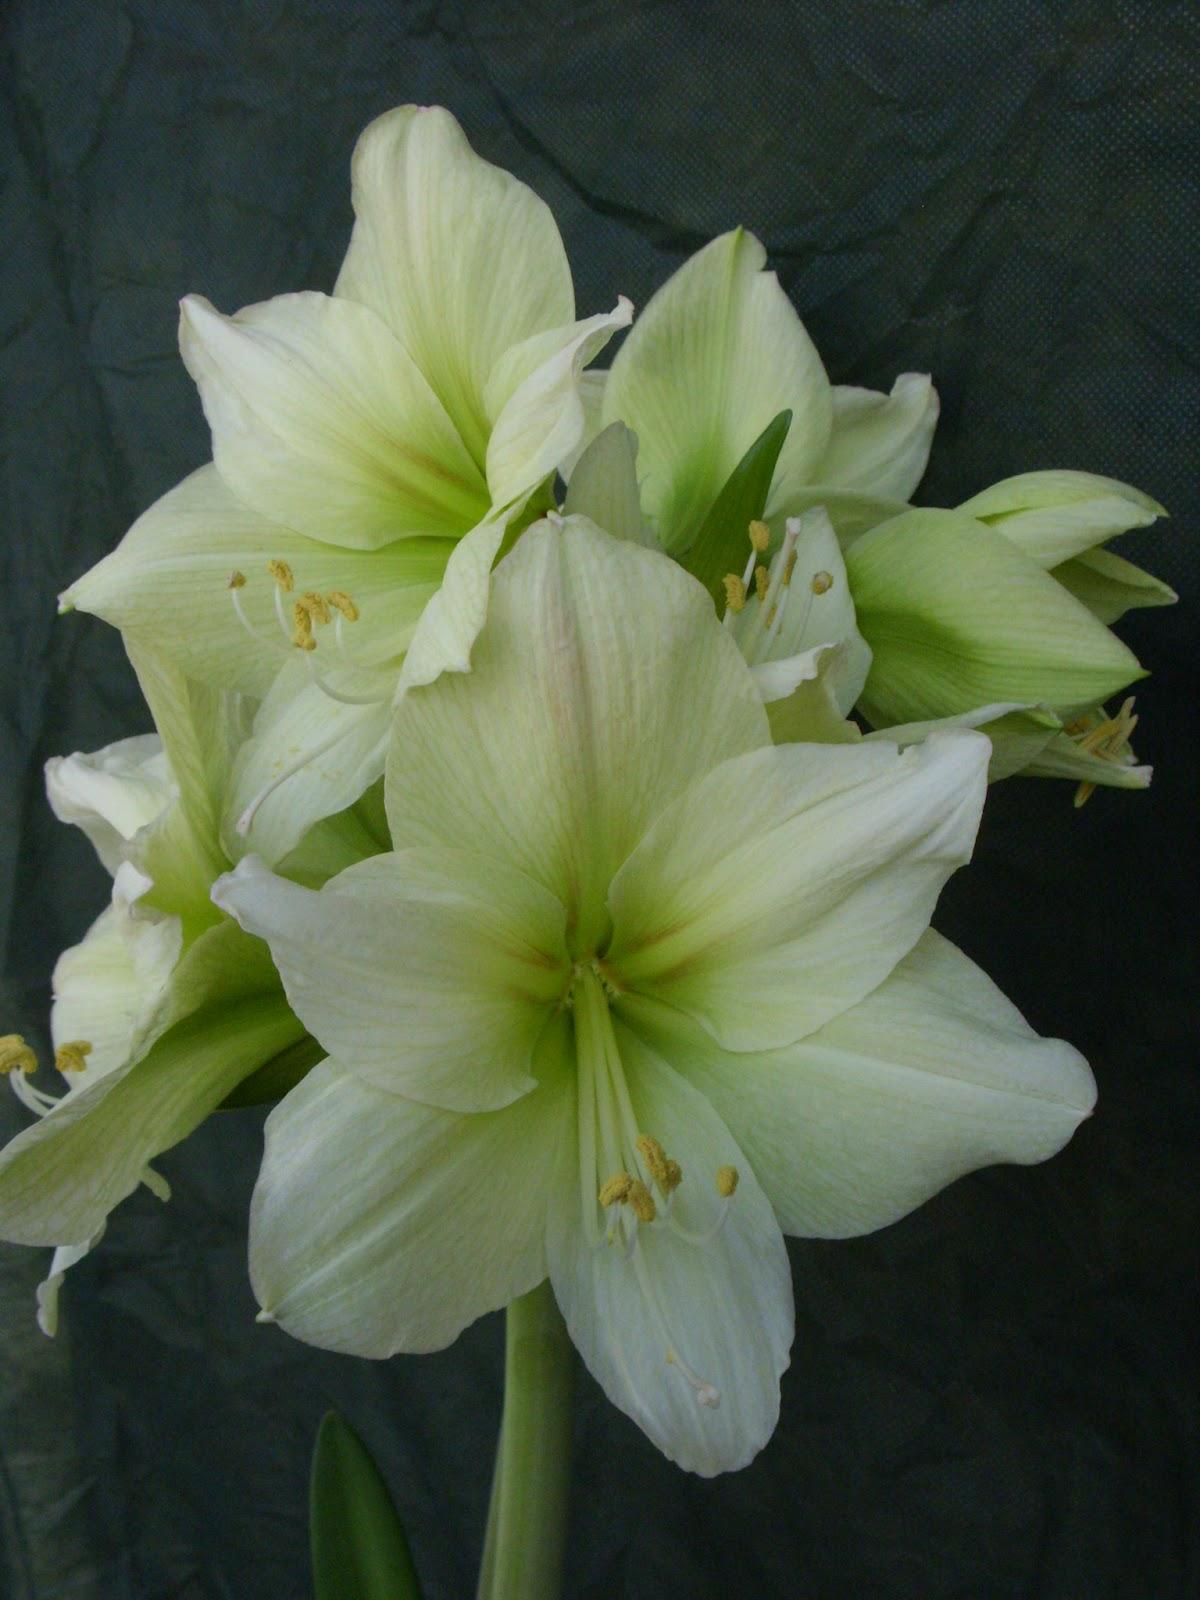 Immagini mazzi di fiori bellissimi - Immagini di fiori tedeschi ...